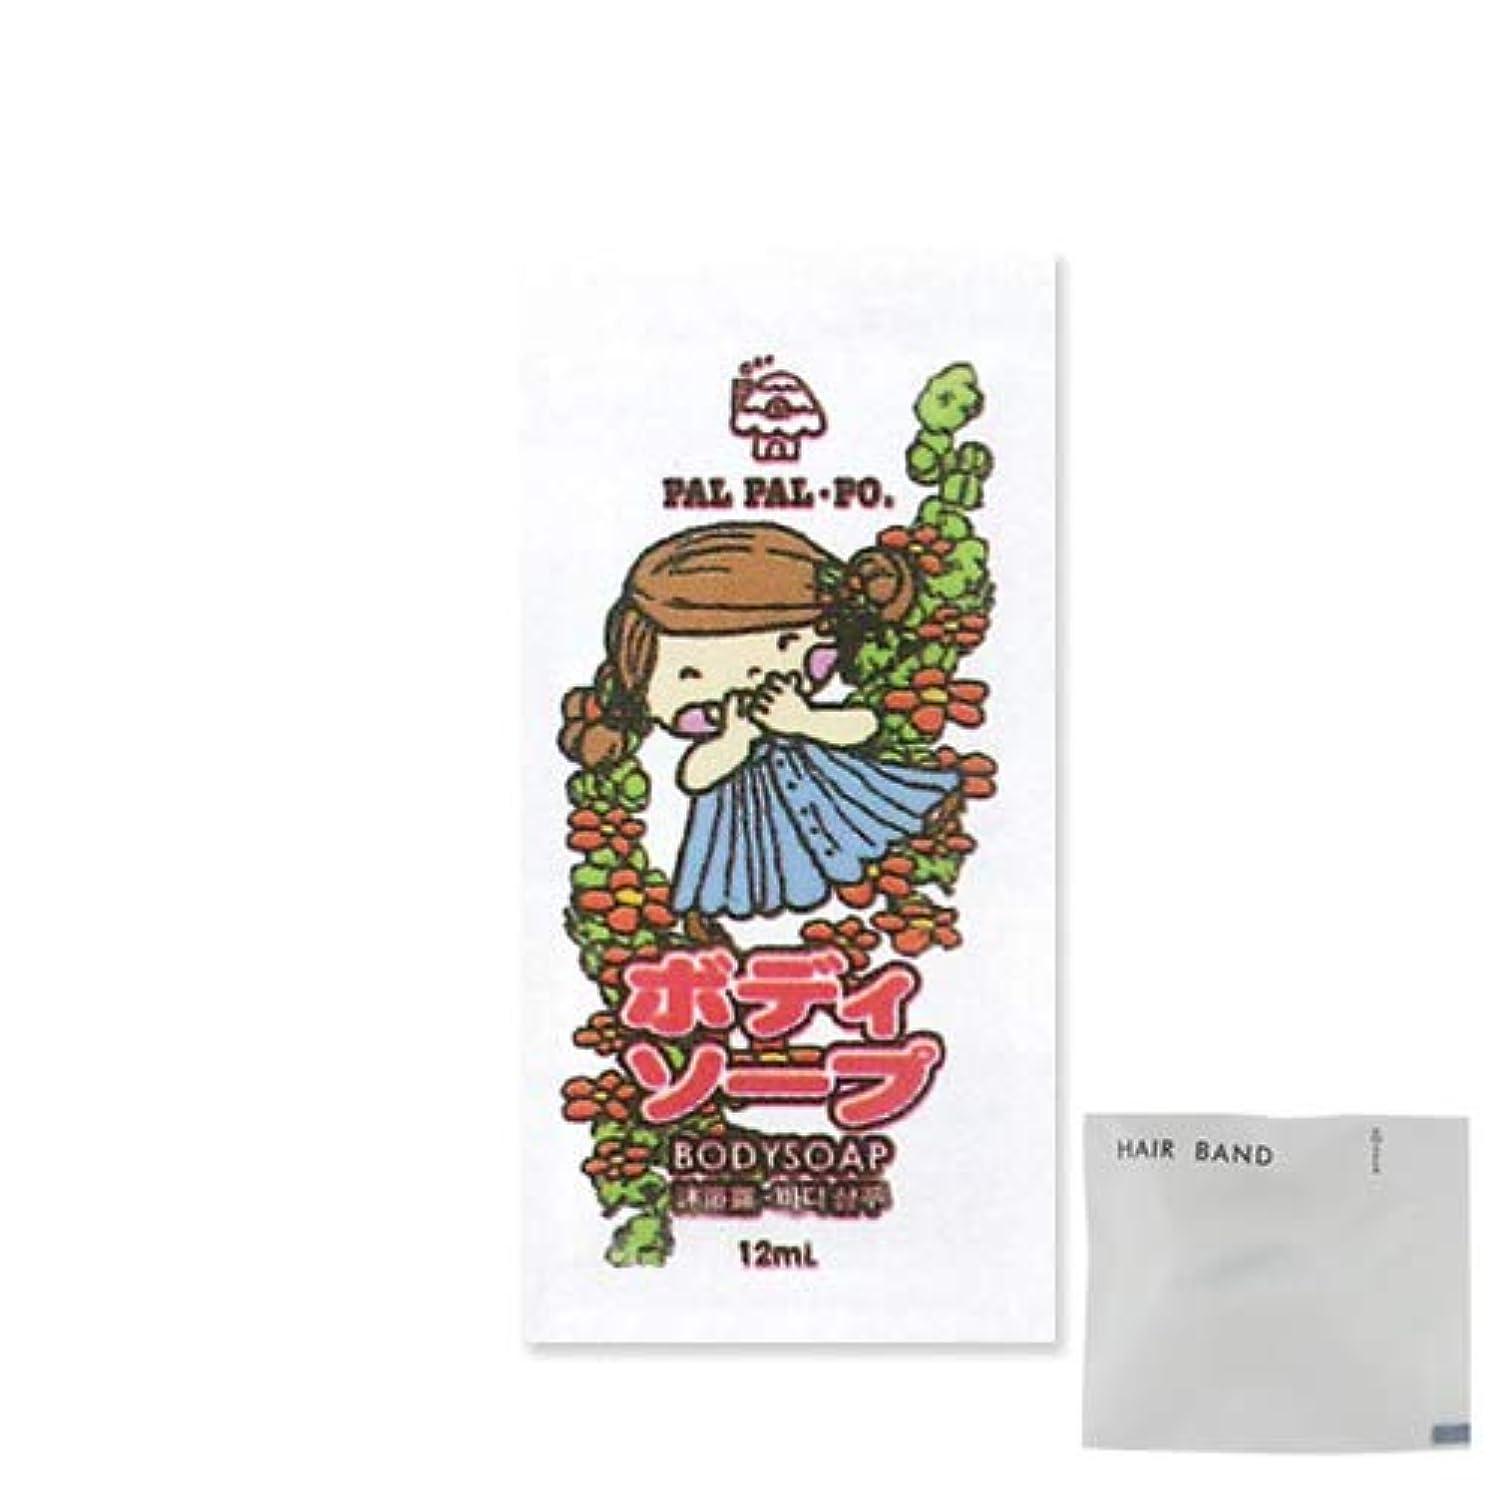 プレゼント哲学博士きょうだいパルパルポー(PAL PAL?PO) 子供用 ボディソープ(12mL) フローラルの香り ×20個セット + ヘアゴム(カラーはおまかせ)セット